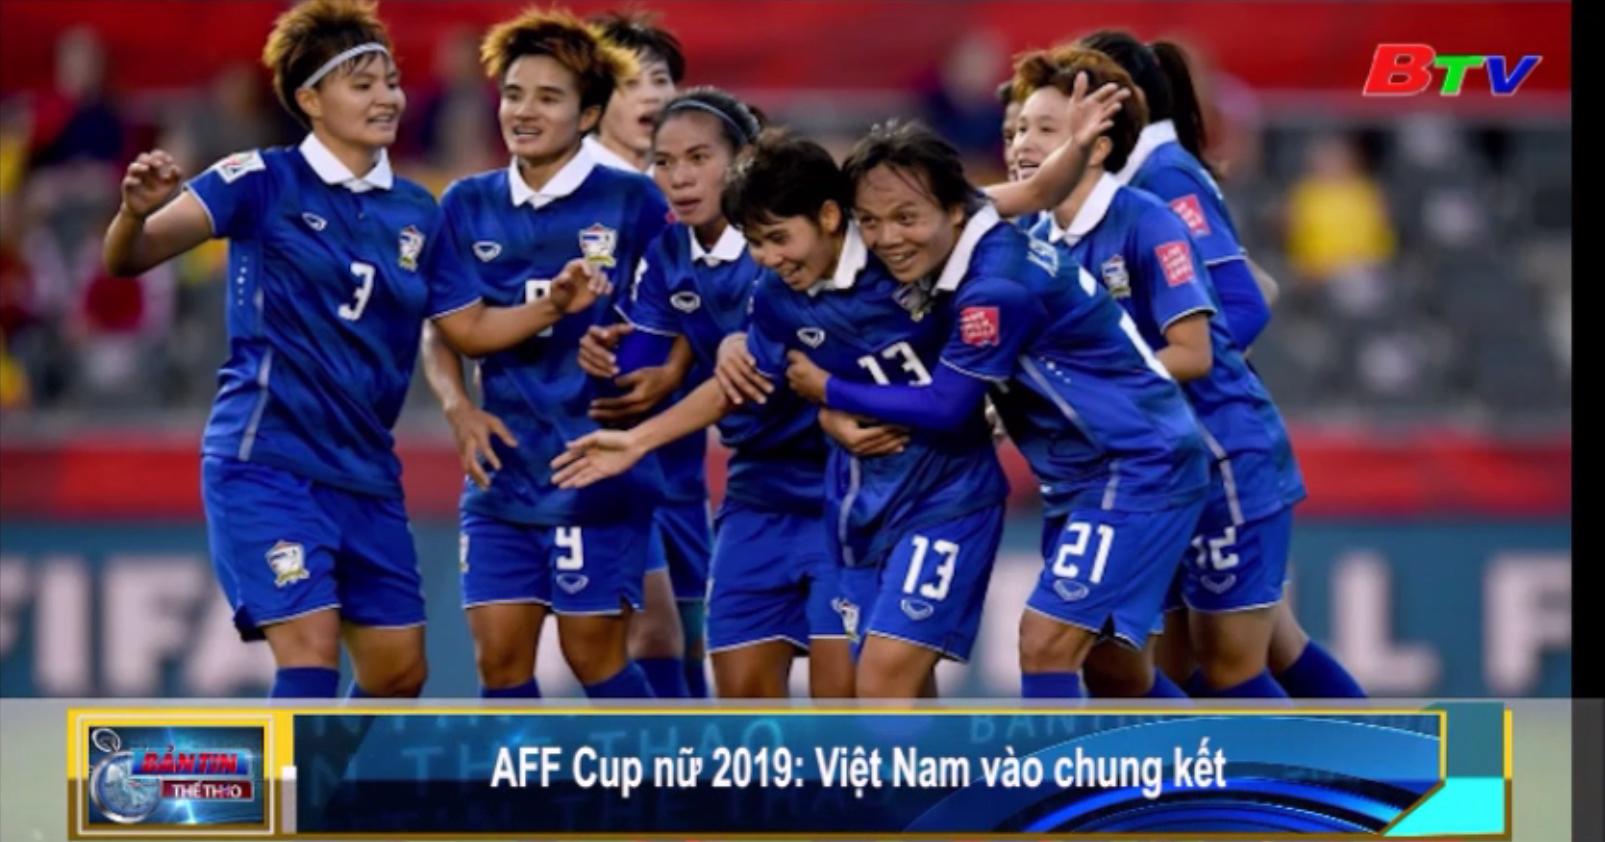 Việt Nam vào chung kết AFF Cúp nữ 2019